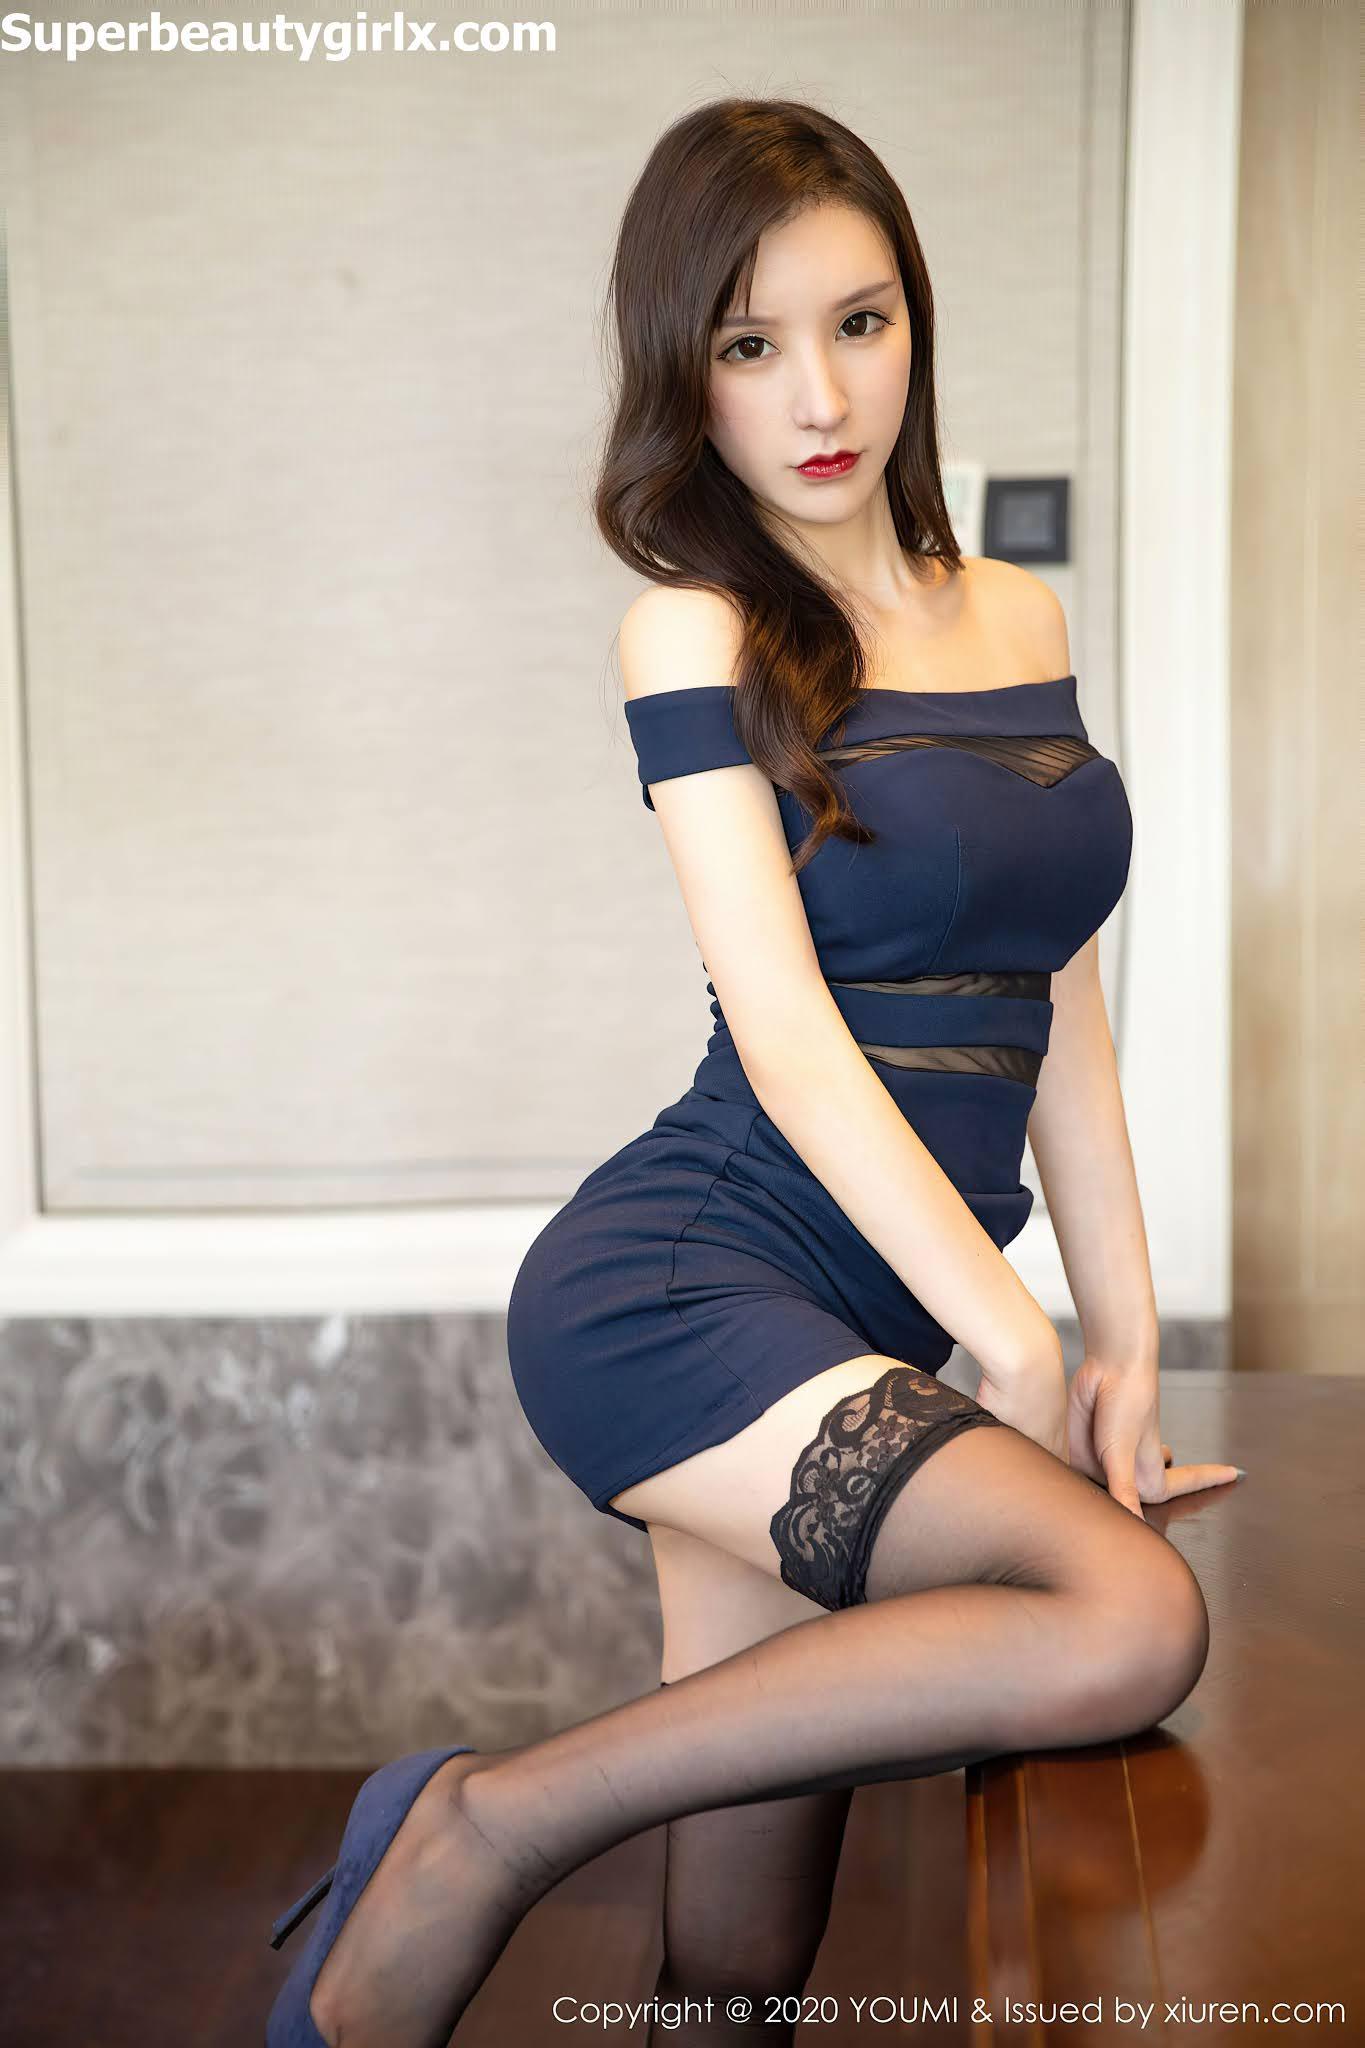 YouMi-Vol.547-Zhou-Yuxi-Sandy-Superbeautygirlx.com